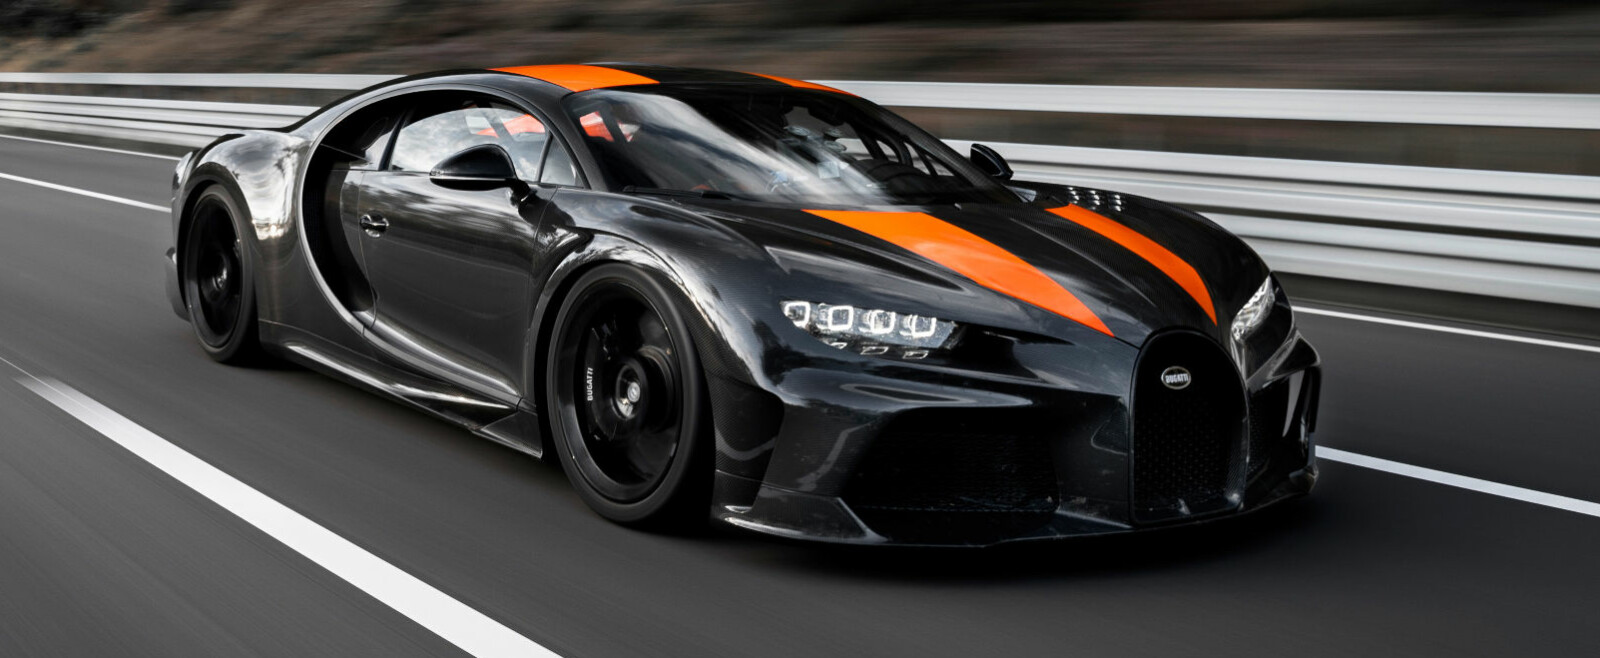 <b>REKORD:</b> En pre-produksjonsutgave av en spesialversjon av Bugatti Chiron gjorde 490 km/t på VW-gruppens testbane.